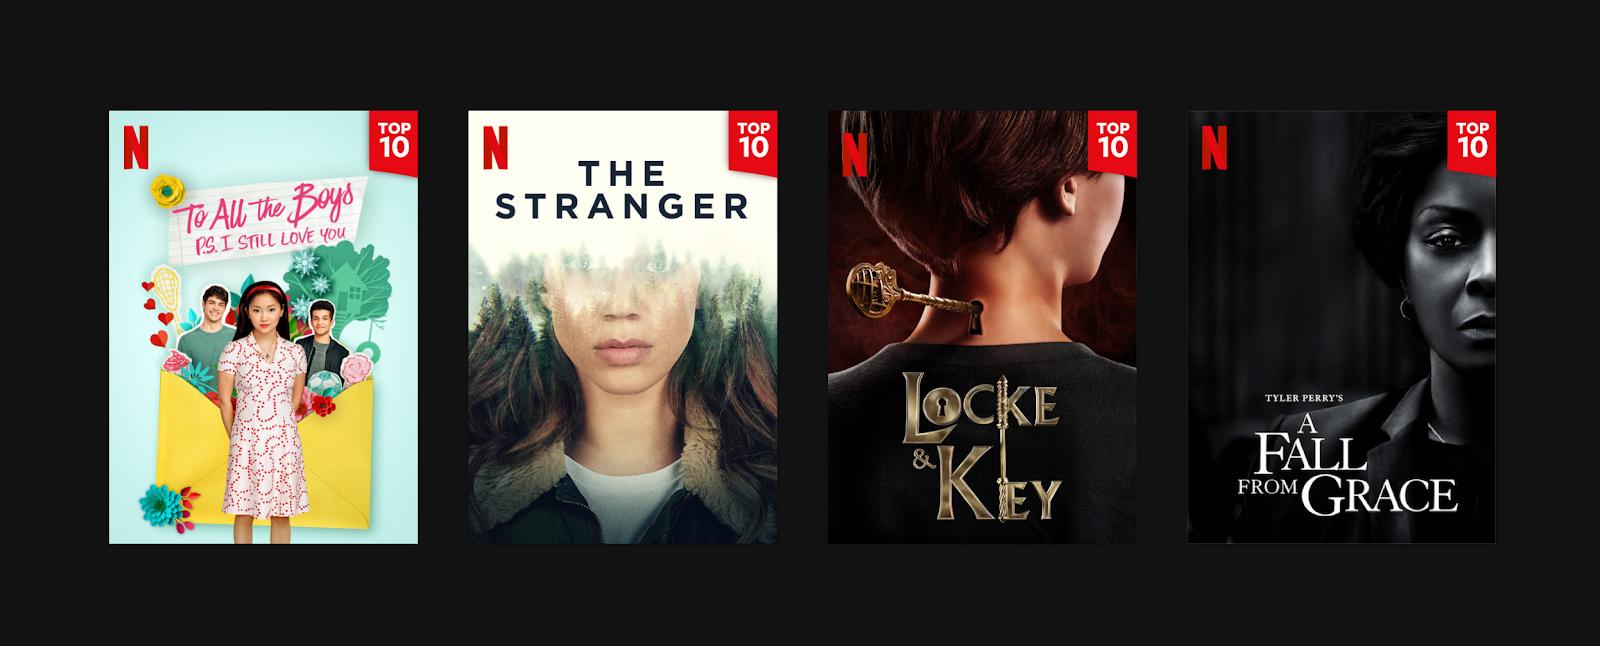 Netflix's Top 10 badge